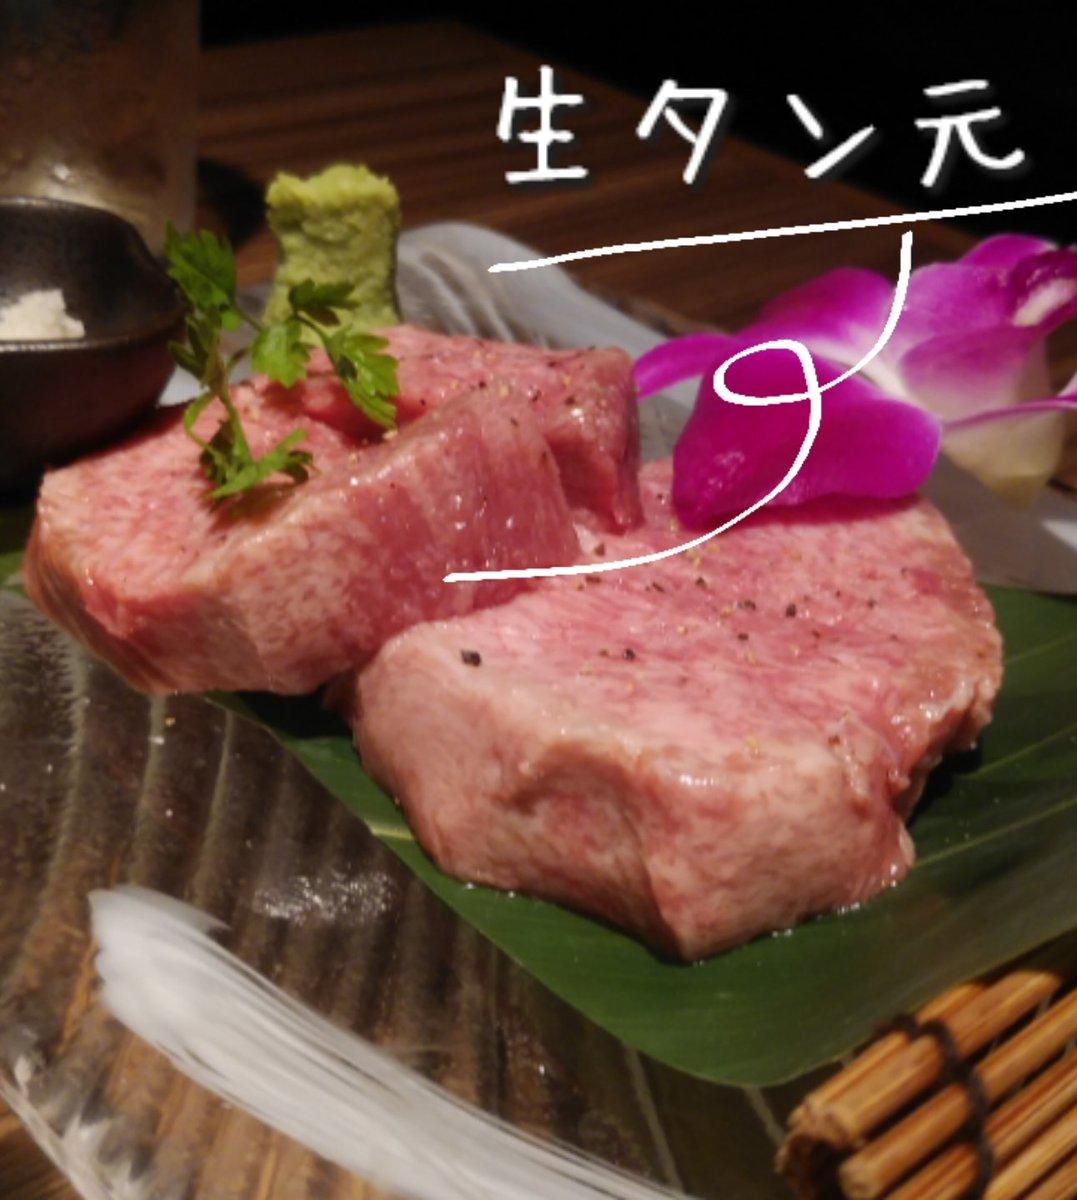 生肉が得意な店🐮食べ放題とかあって若者向けなんだよな➰おじさんには居心地がちょっと😏#焼肉 ブルズ/西新宿